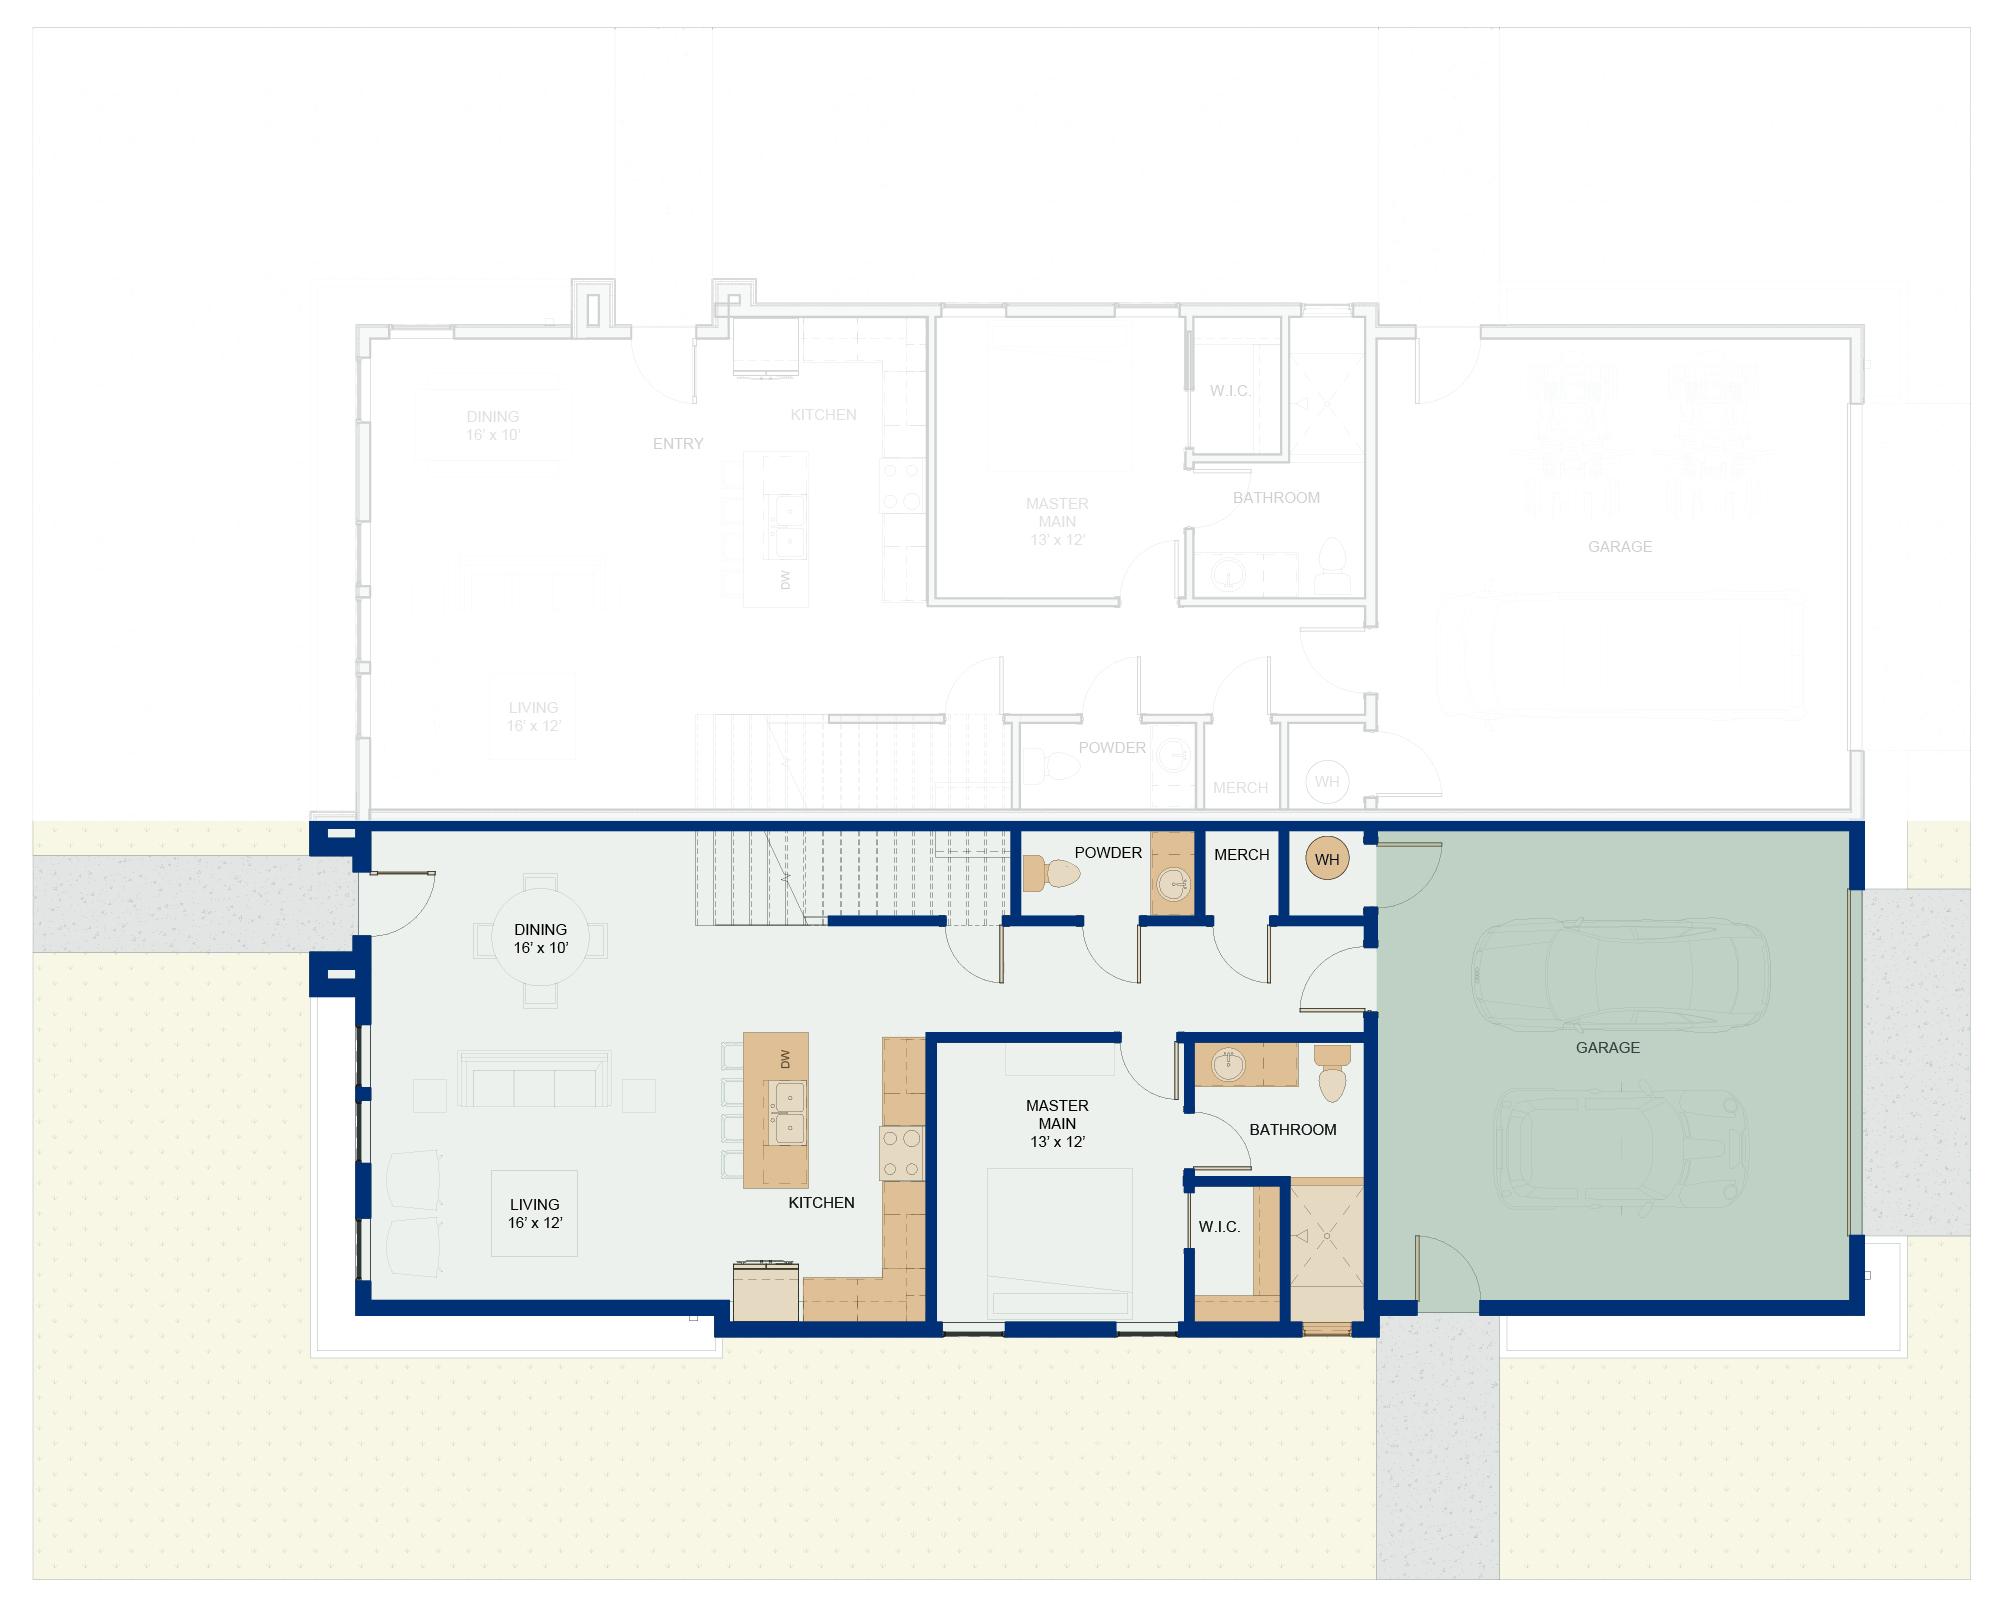 bloomington-villa-floor-plans-condos-March2019-town2-main-web.jpg